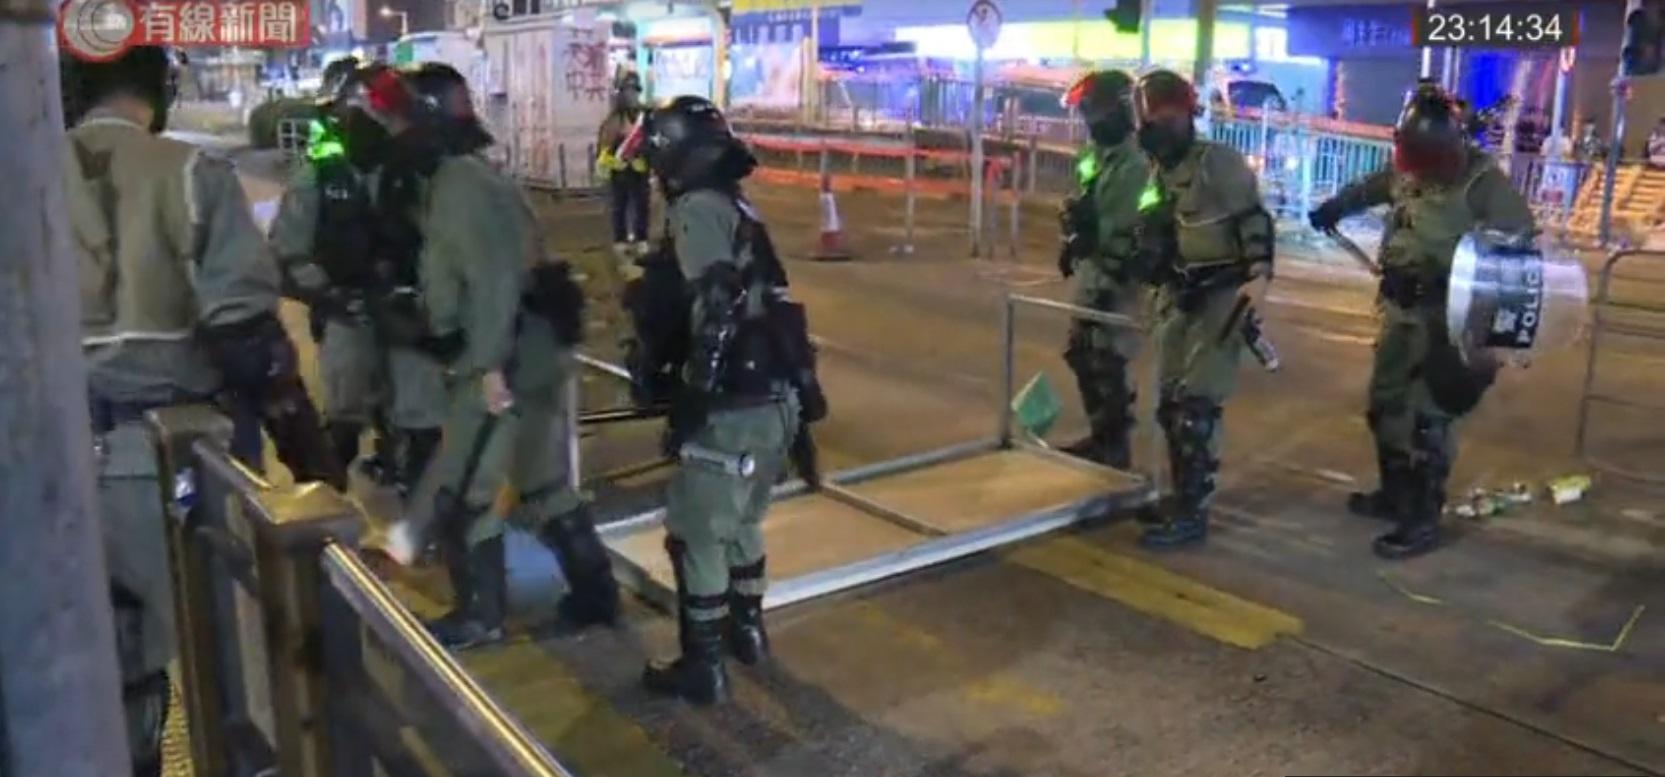 防暴警察元朗戒備。有線新聞截圖